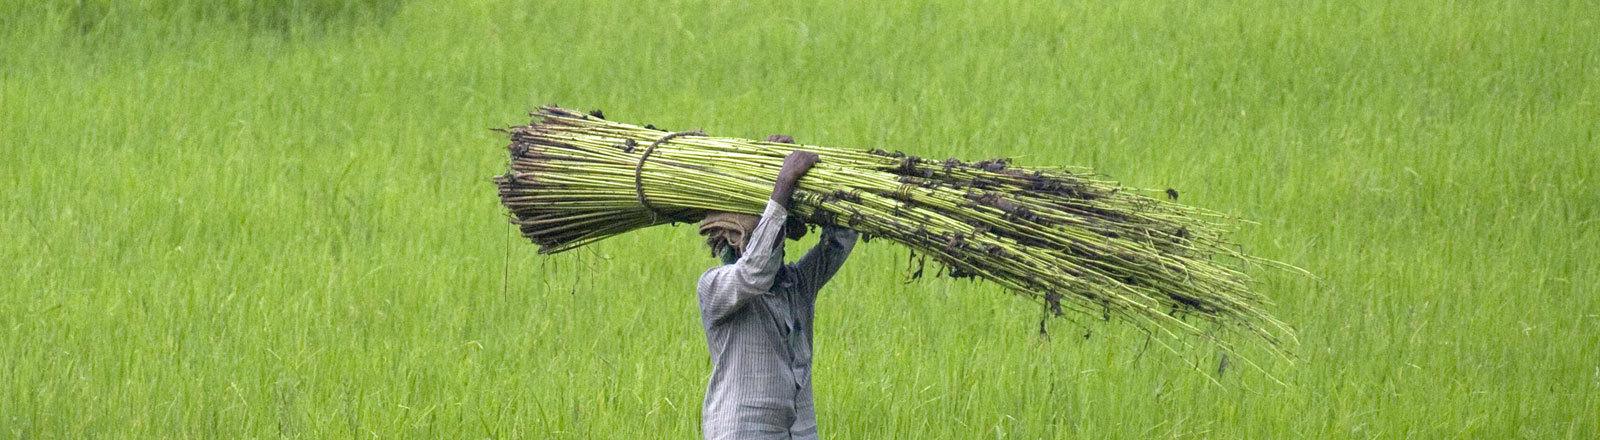 Jutepflanze in Bangladesch